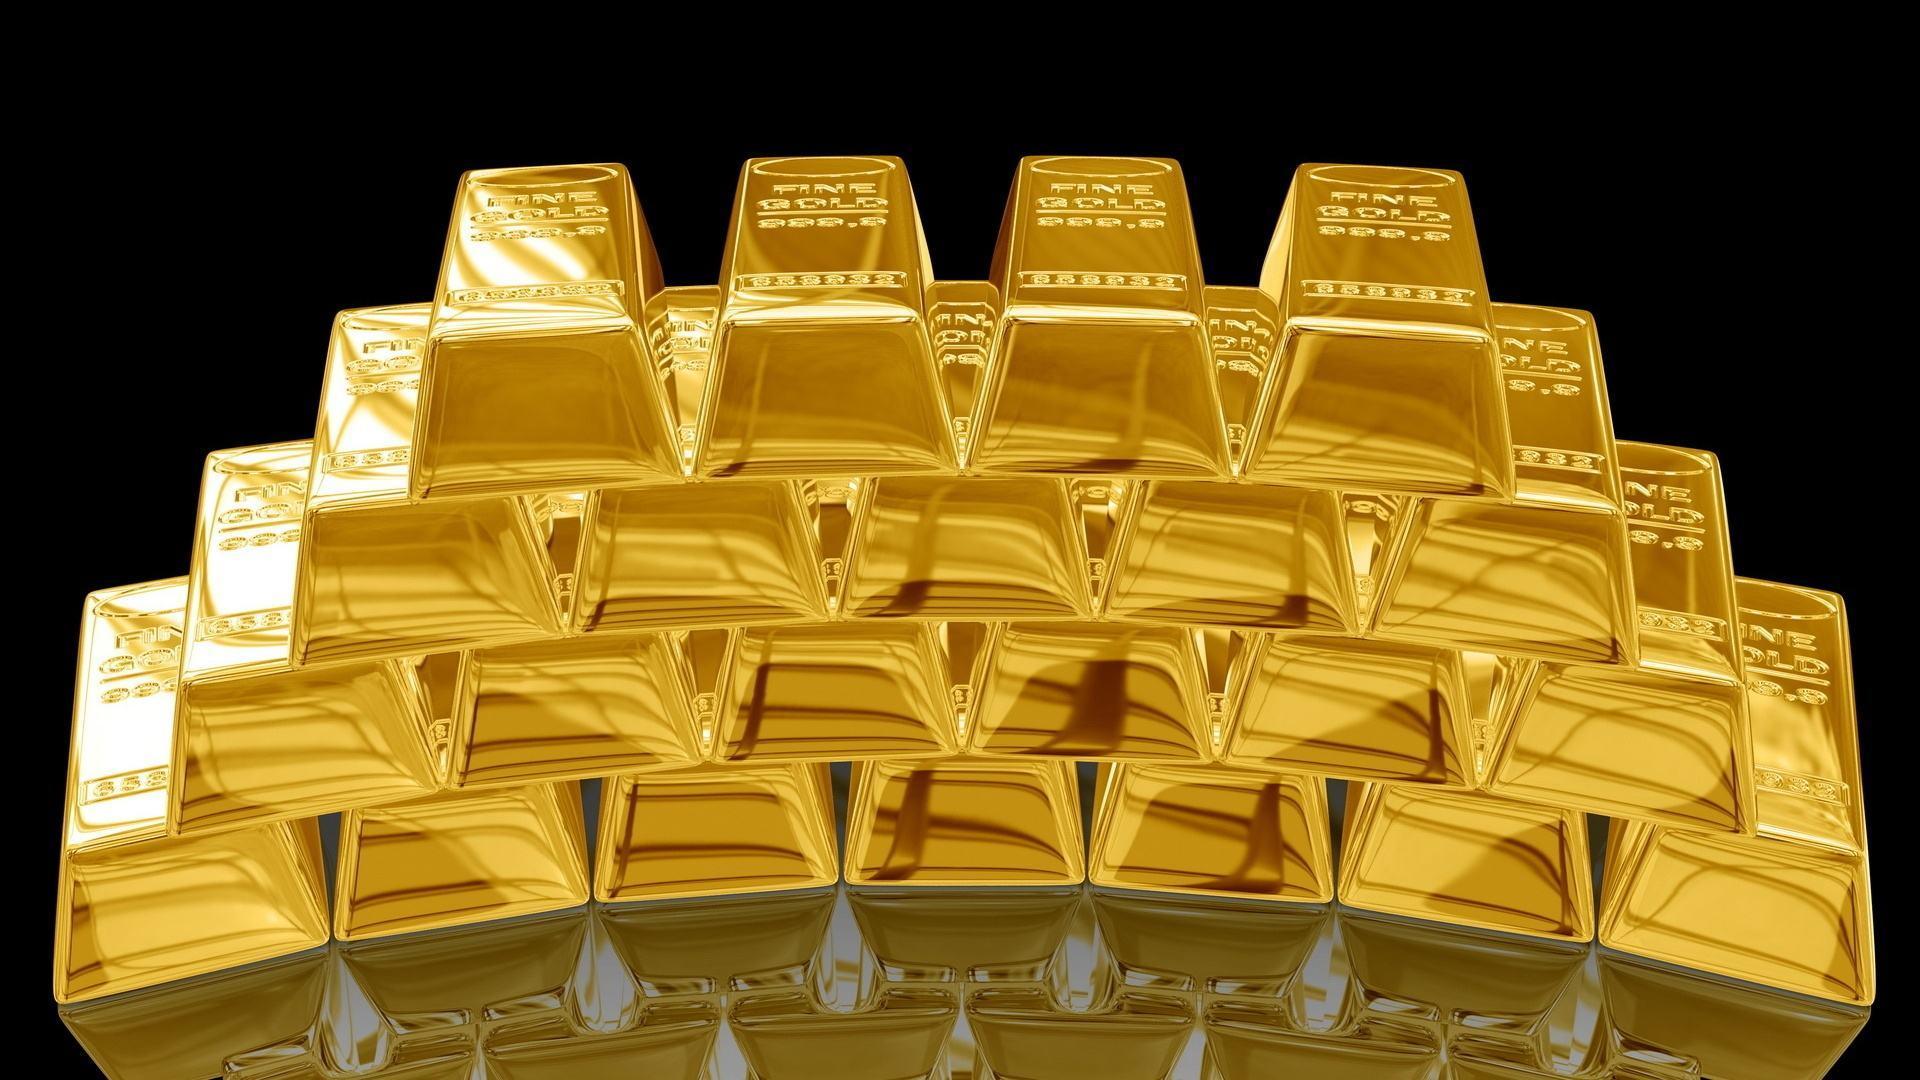 全球官方黄金储备为3.44万吨,美国占23.64%,那中国、俄罗斯的呢_